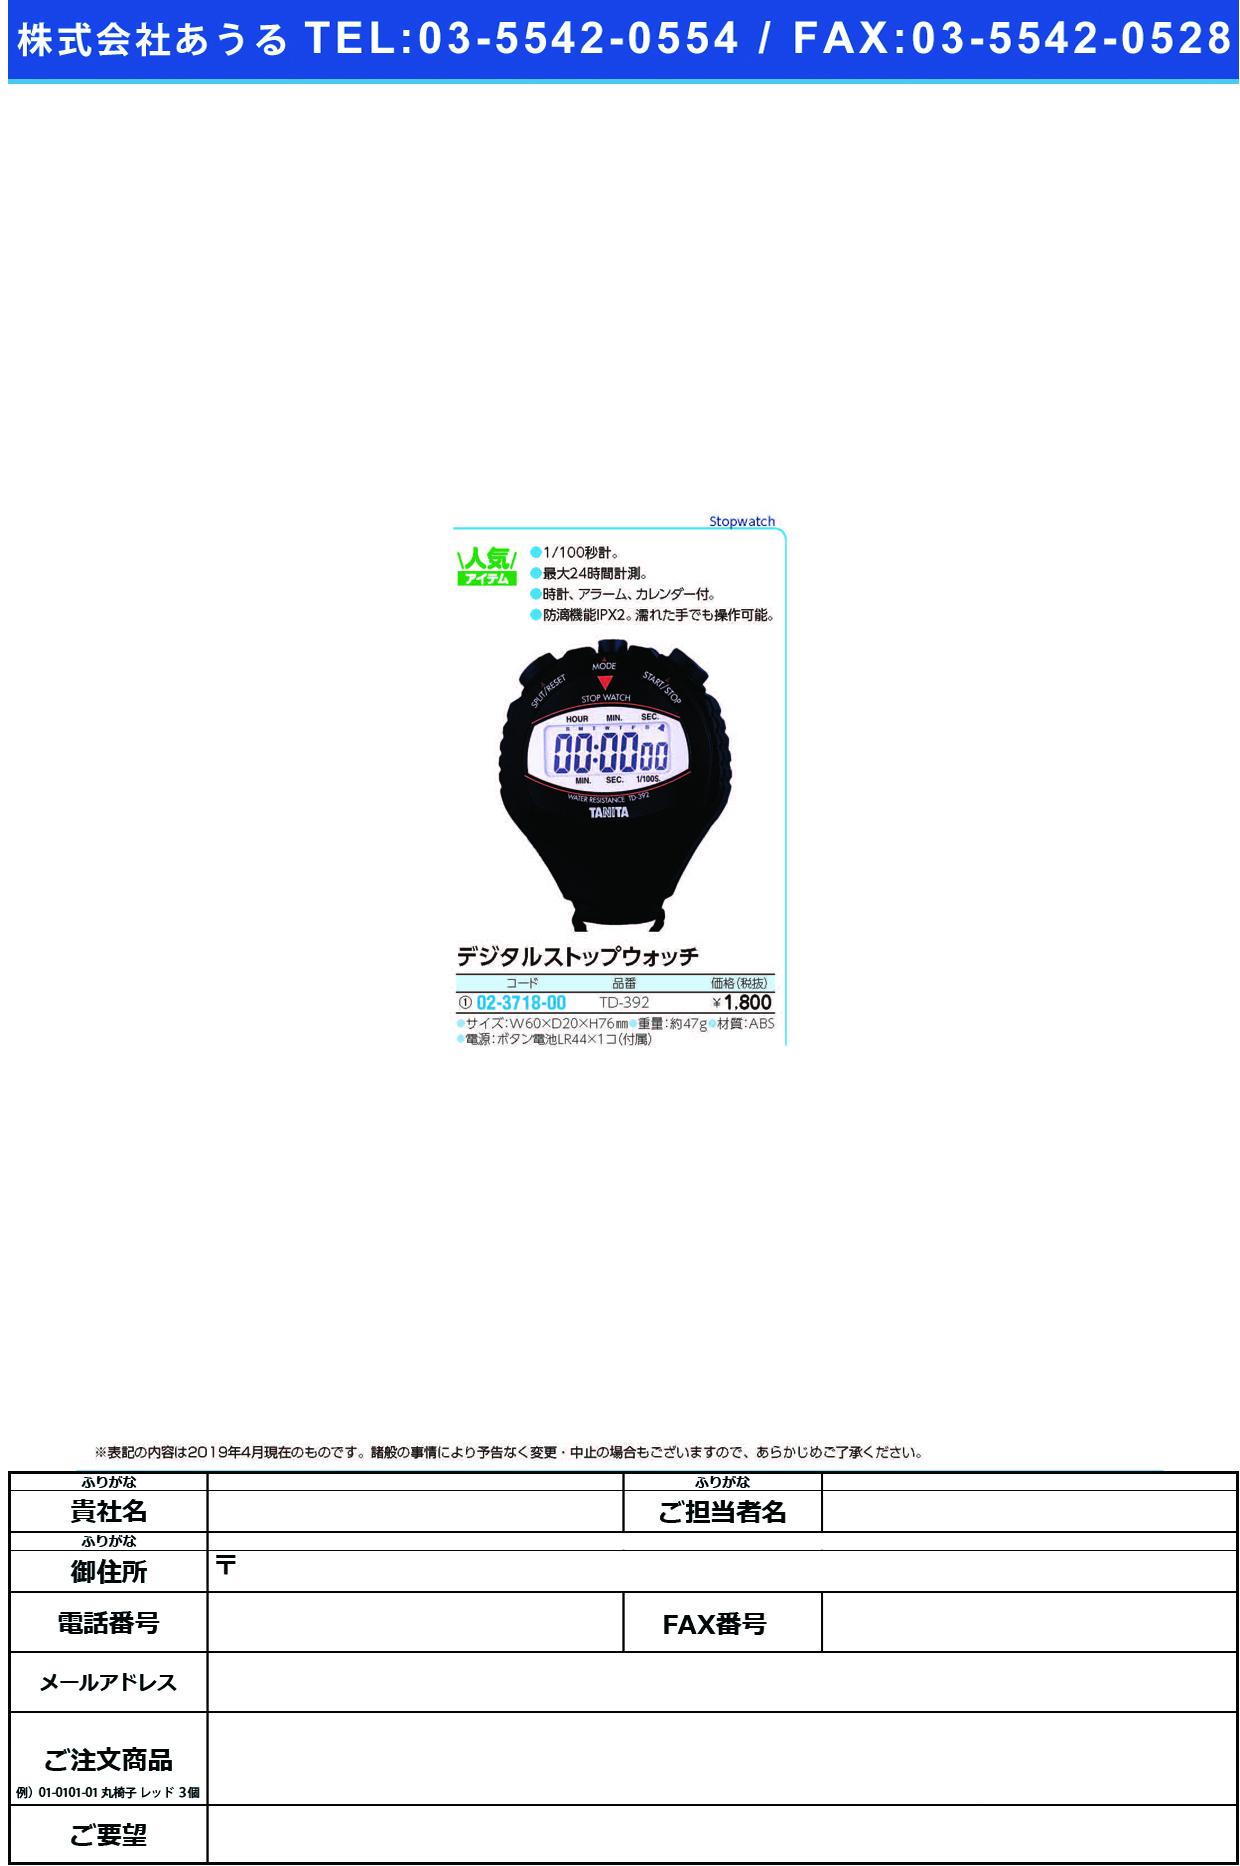 (02-3718-00)デジタルストップウォッチ TD-392 デジタルストップウォッチ(タニタ)【1個単位】【2019年カタログ商品】